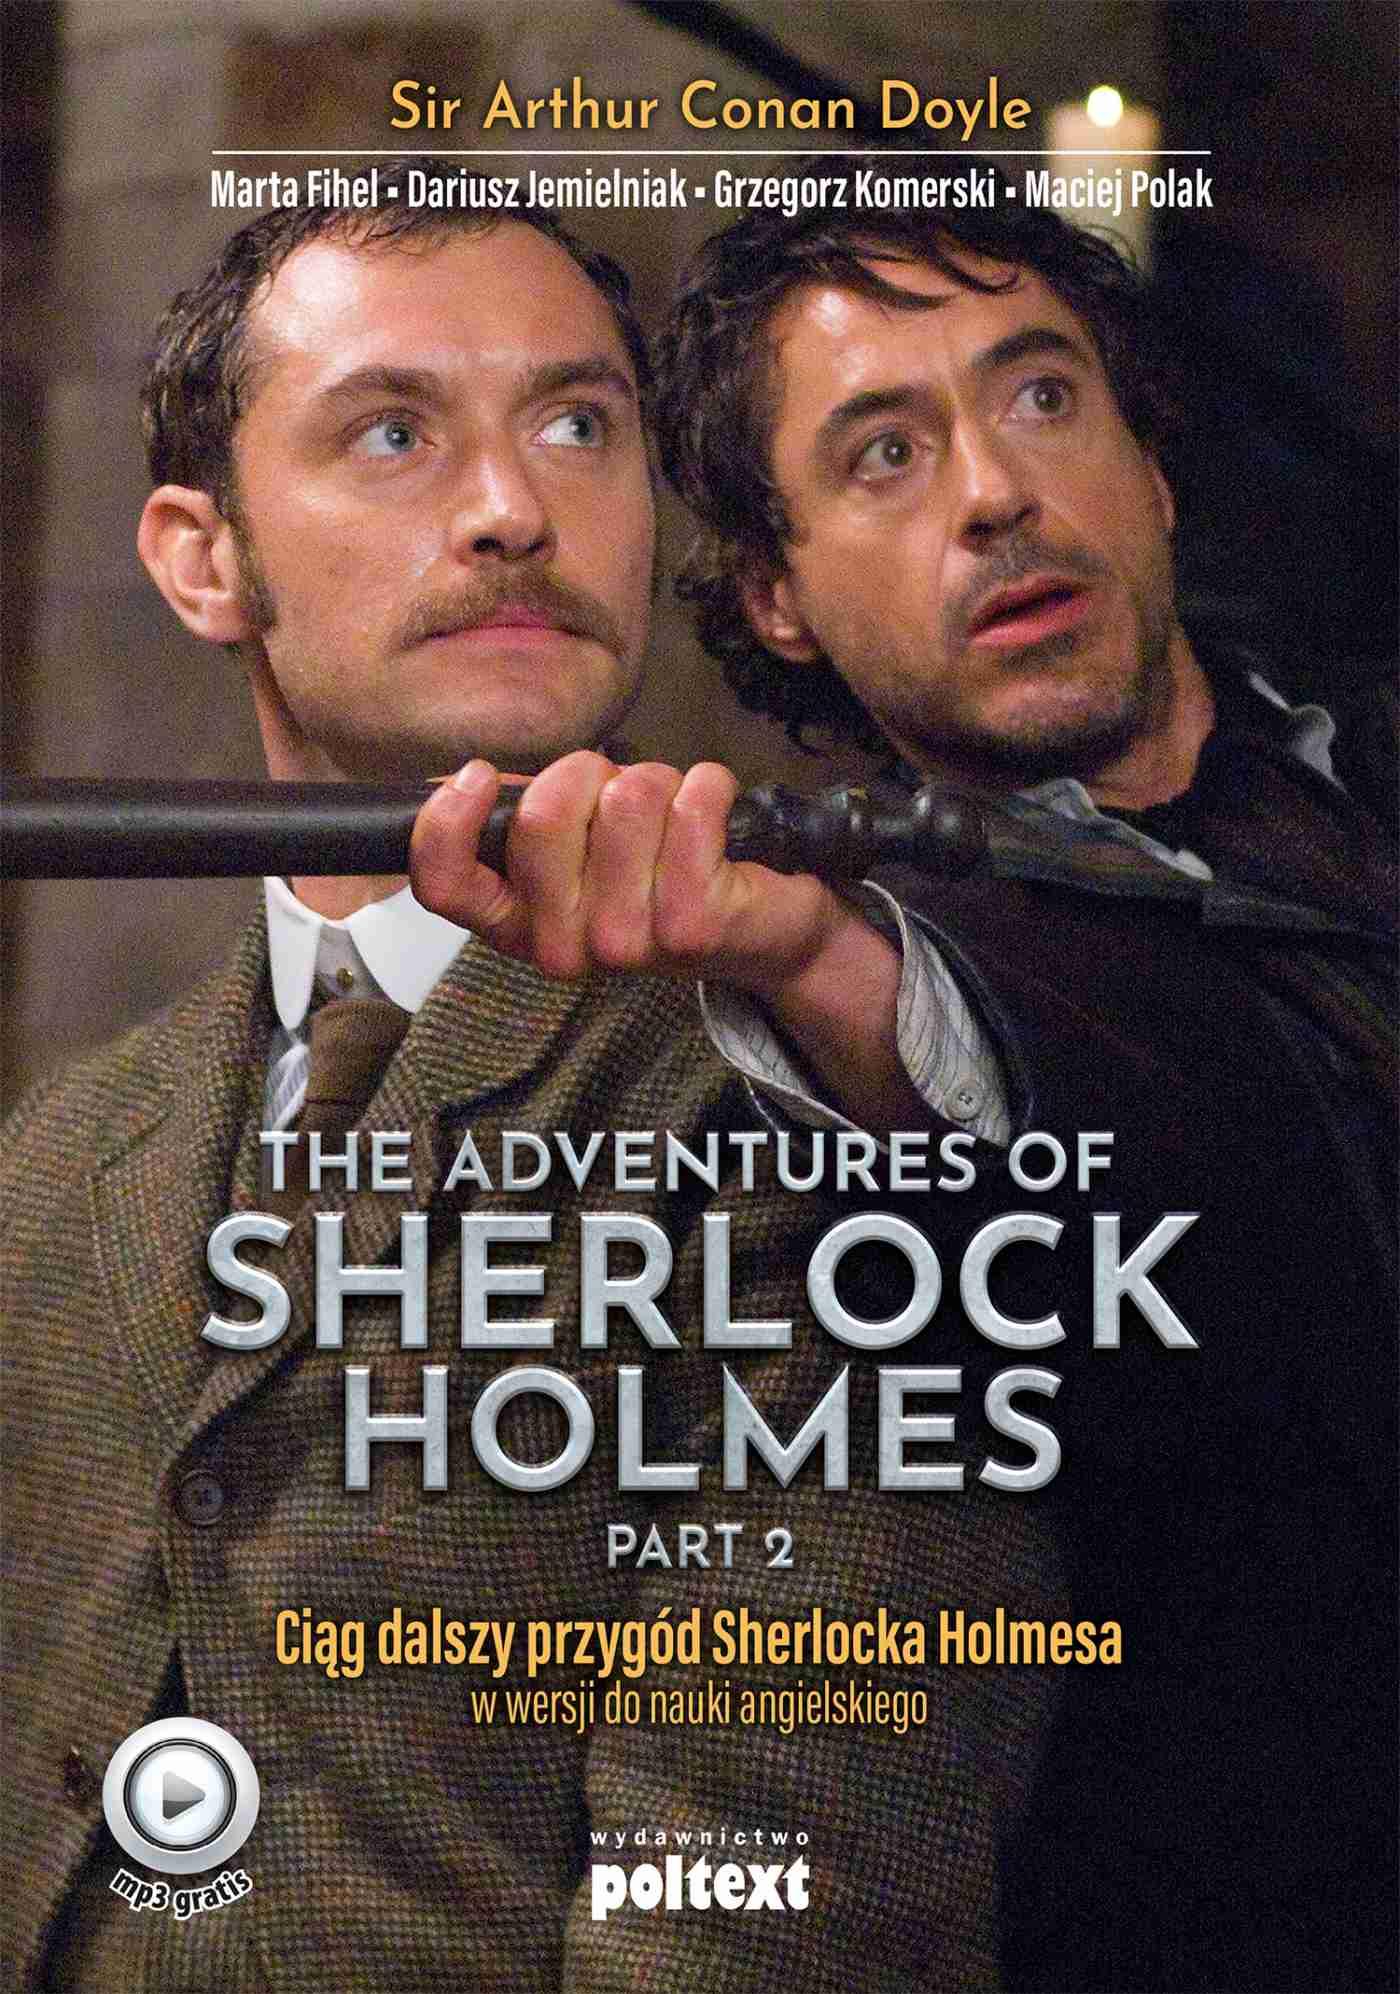 The Adventures of Sherlock Holmes. Przygody Sherlocka Holmesa w wersji do nauki angielskiego - Ebook (Książka EPUB) do pobrania w formacie EPUB